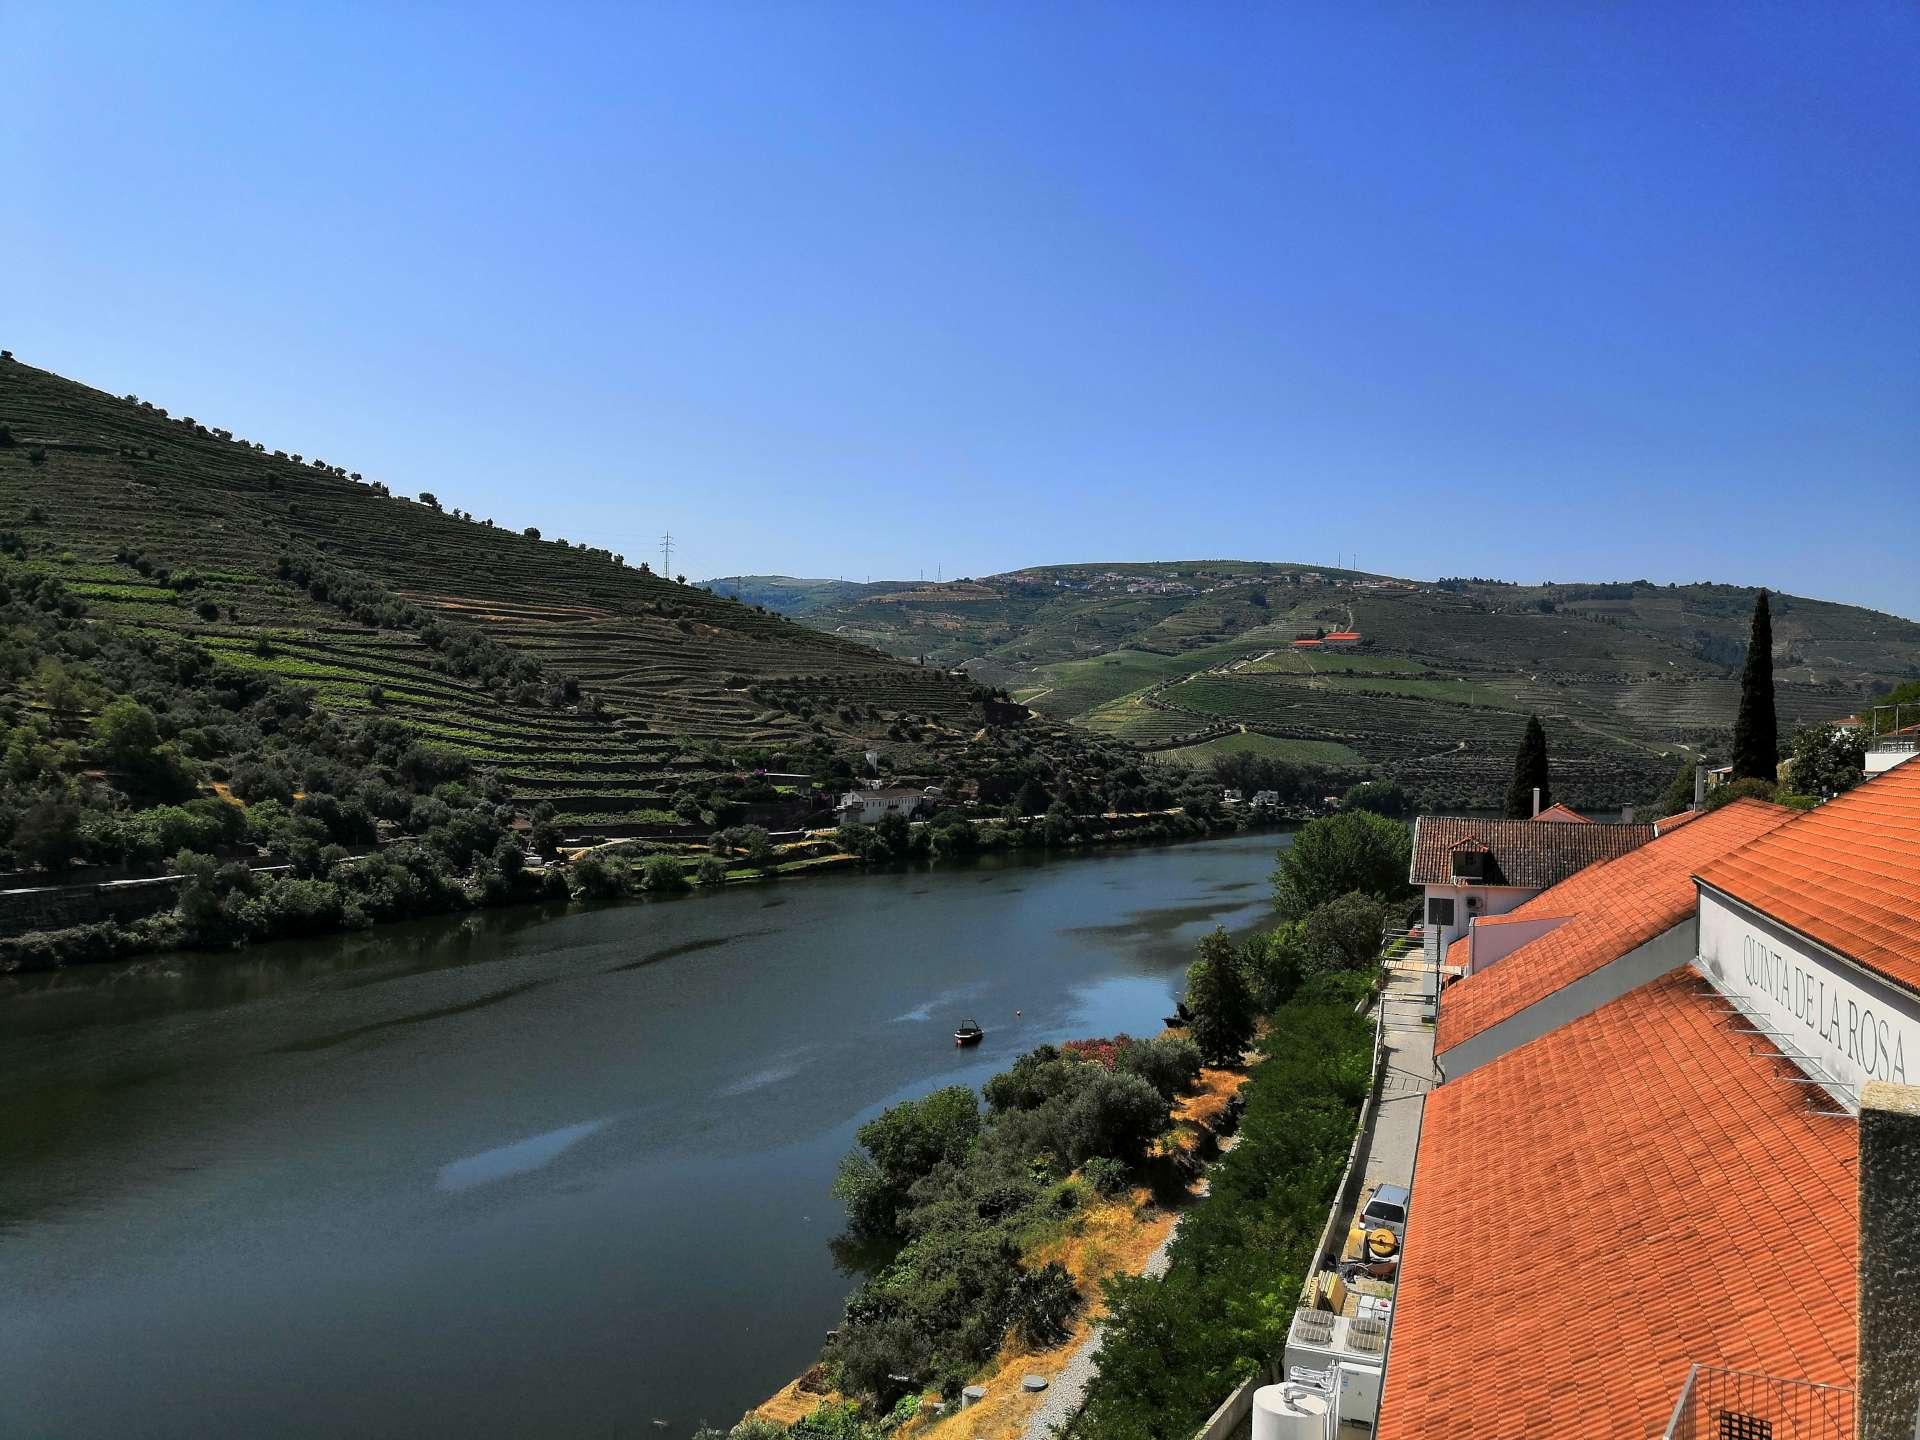 Náš 4. den - pátek - se odehrával ve znamení prohlídek vinařství - Quintas. Ještě dopoledne nás uvítali v prvním z nich, Quinta de la Rosa. Řeku Douro máte odtud jako na dlani.